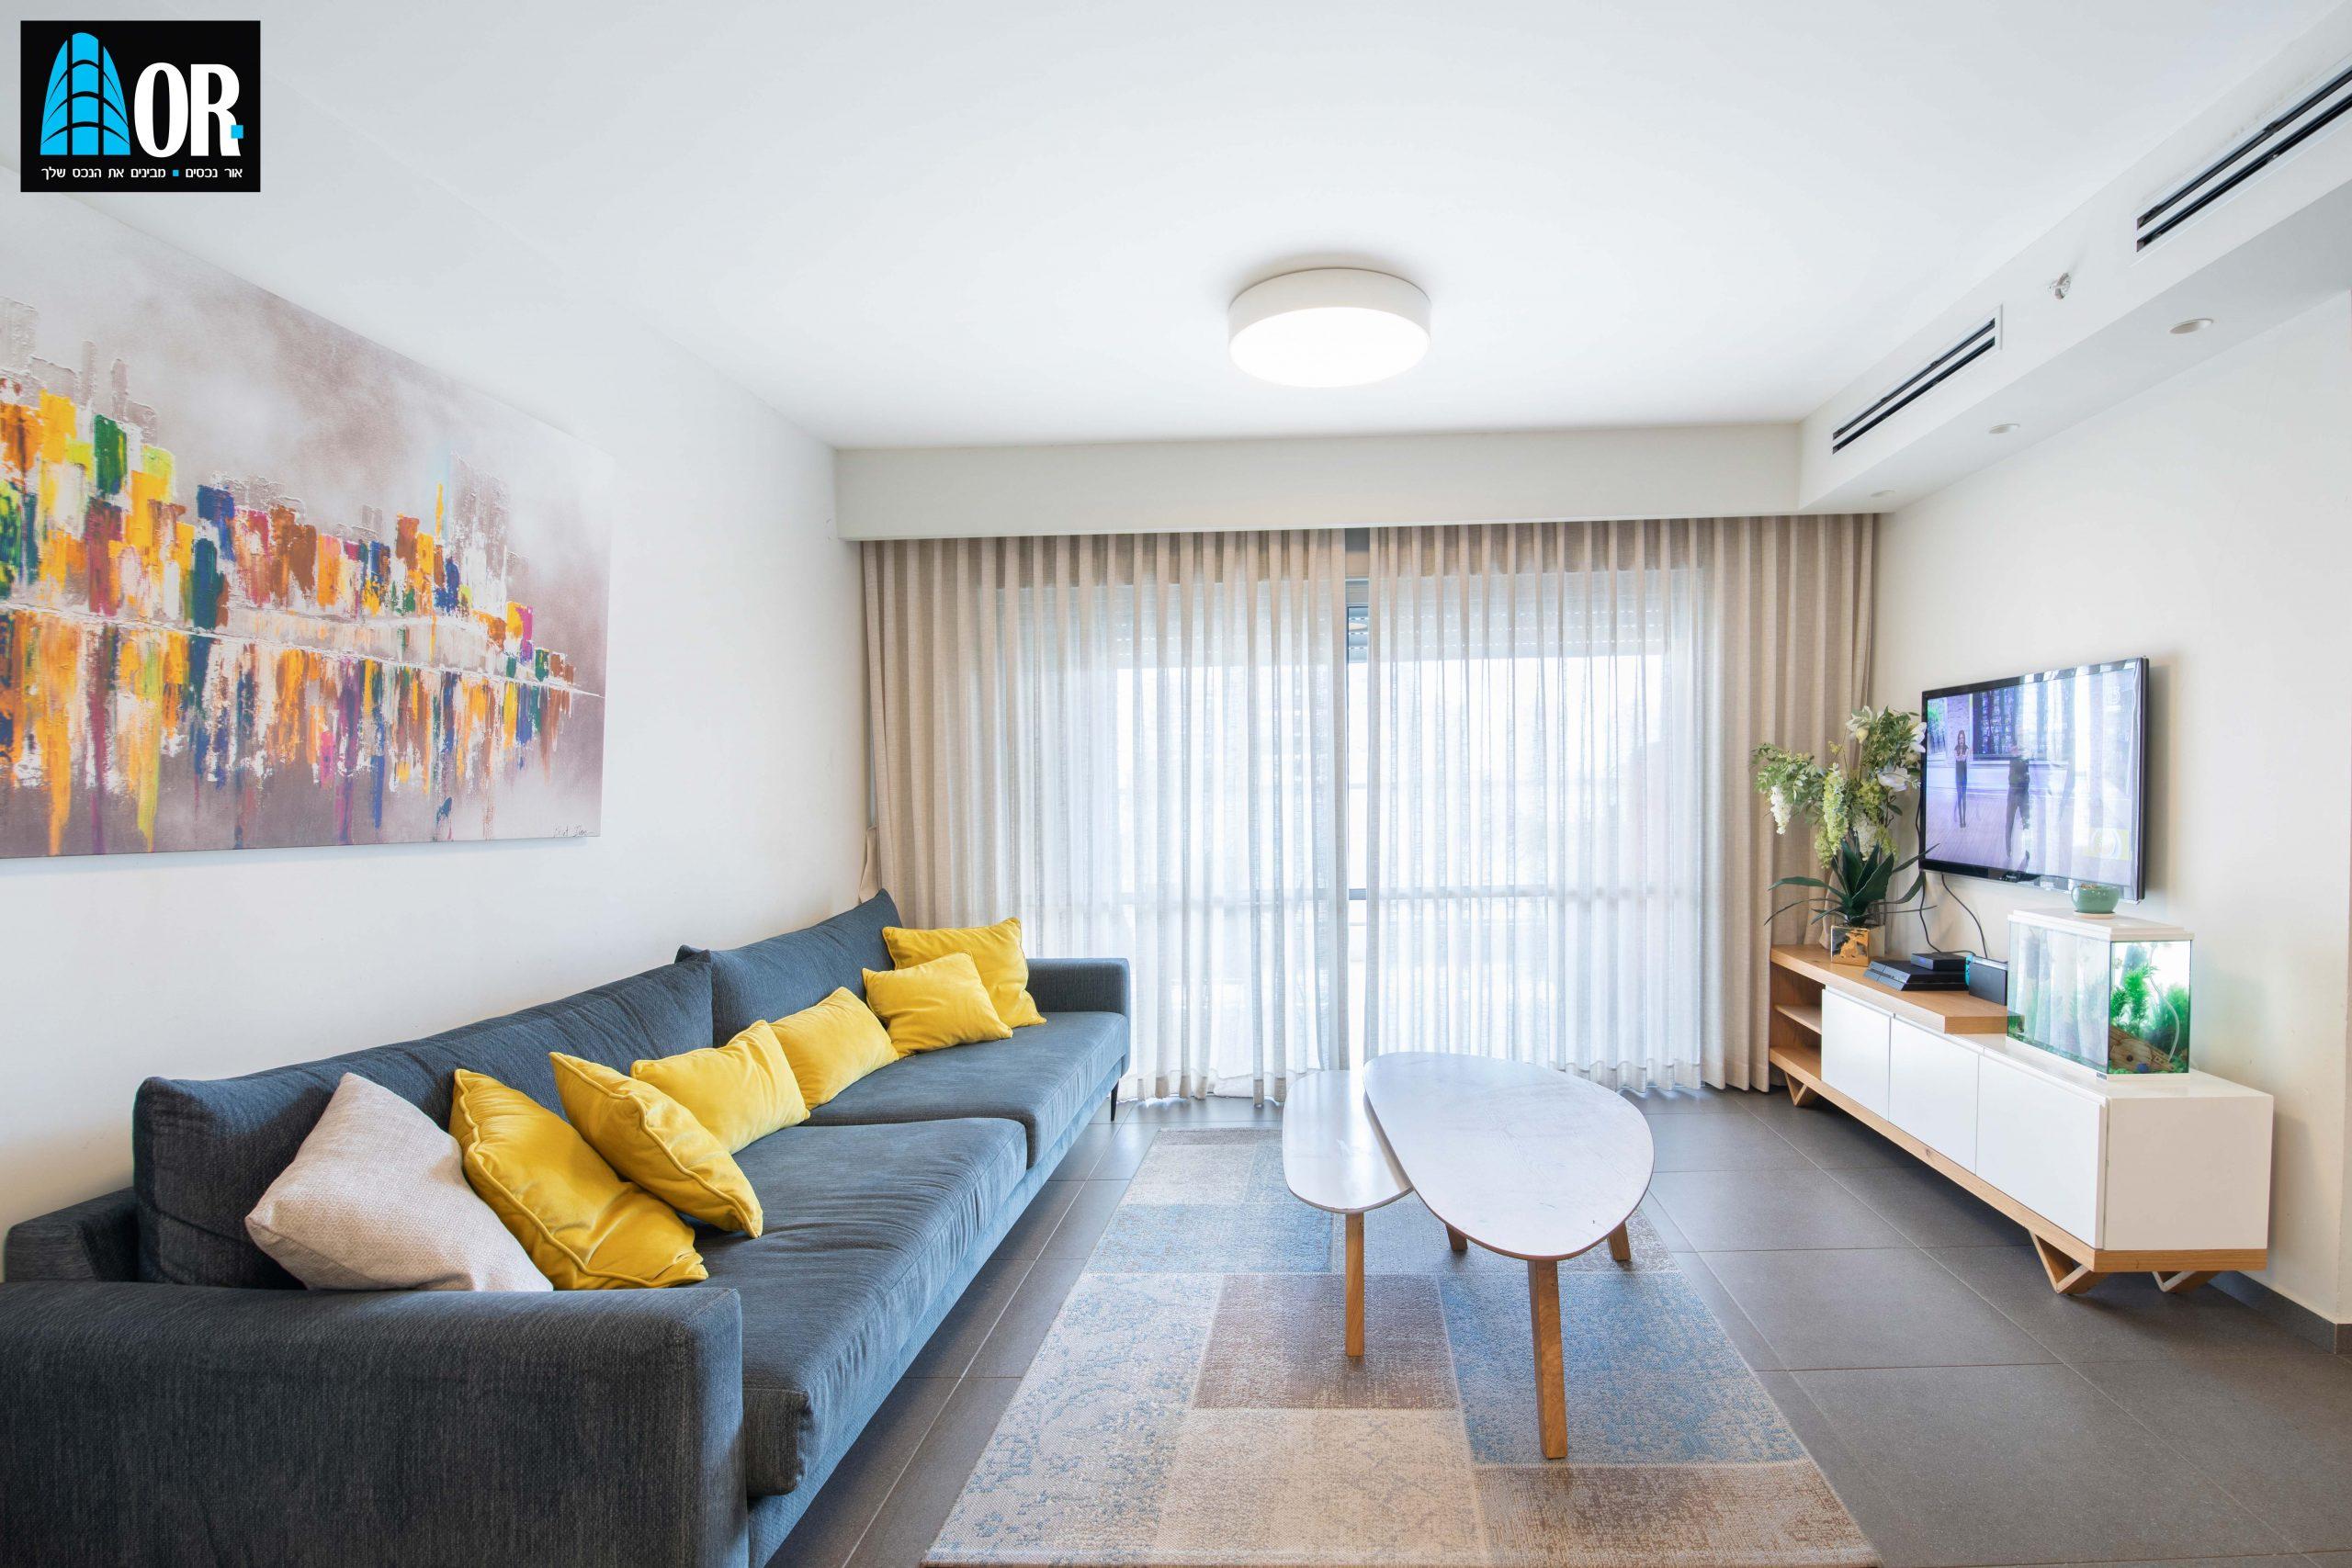 סלון דירה 5 חדרים, שכונה צמרות